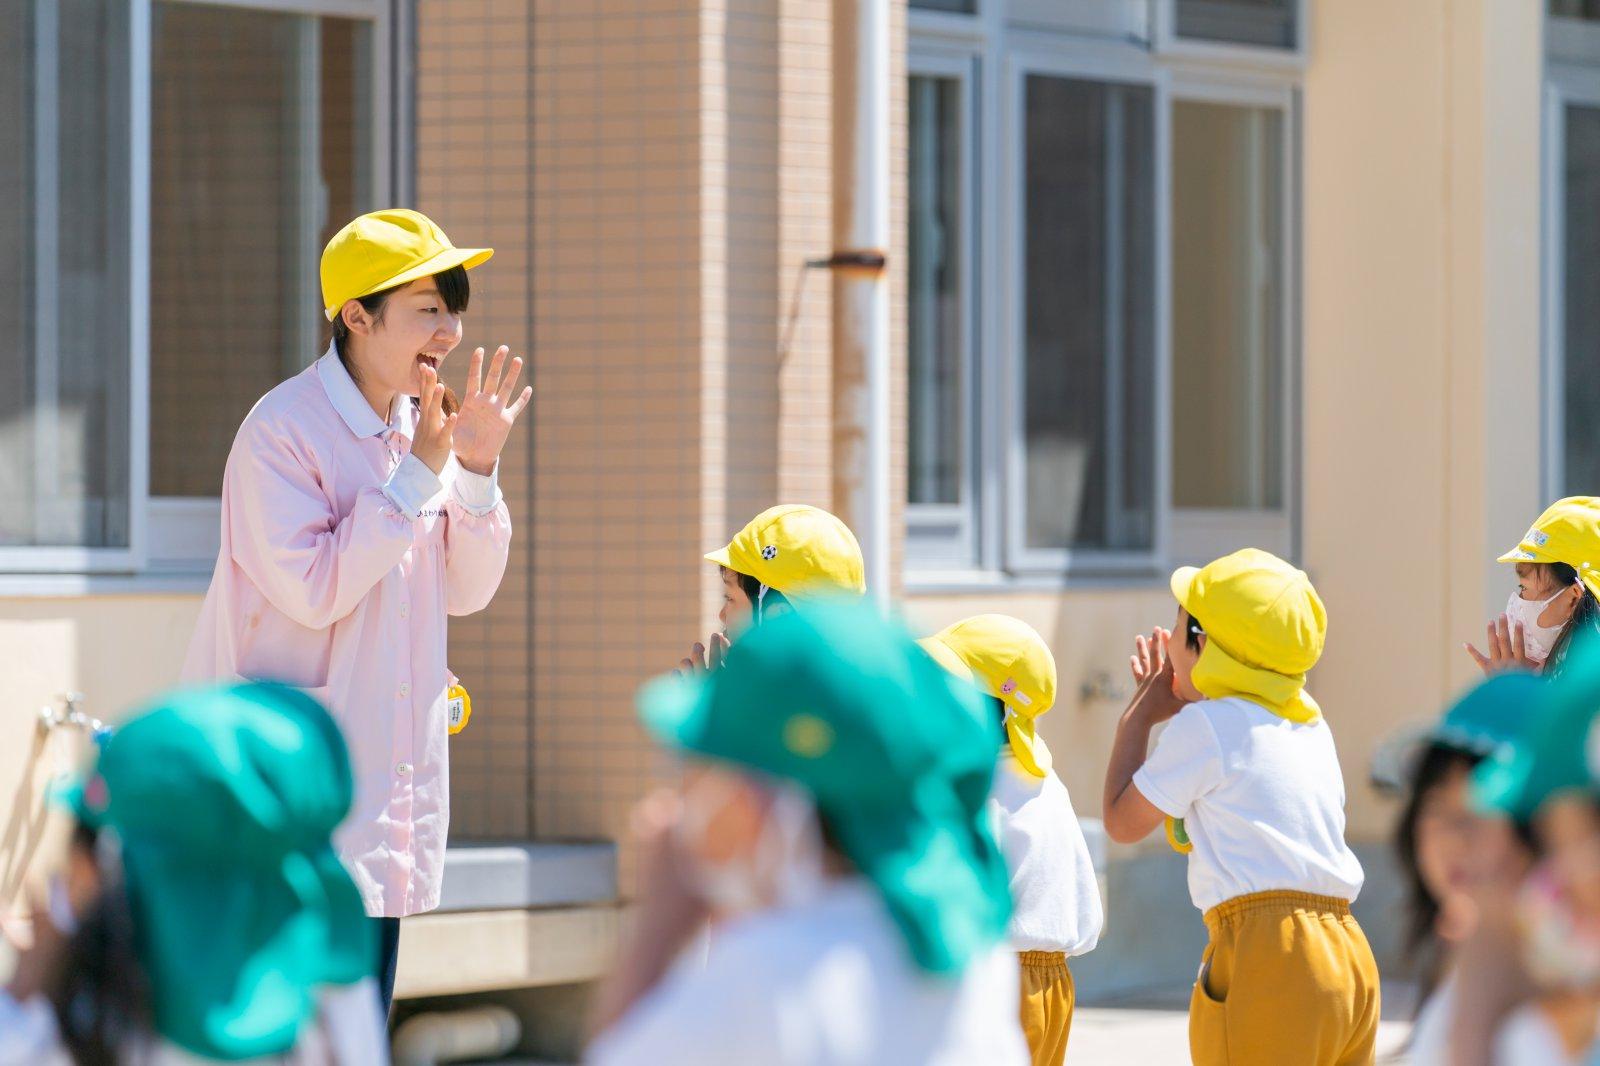 学校法人 黒木学園の幼稚園や保育園の様子